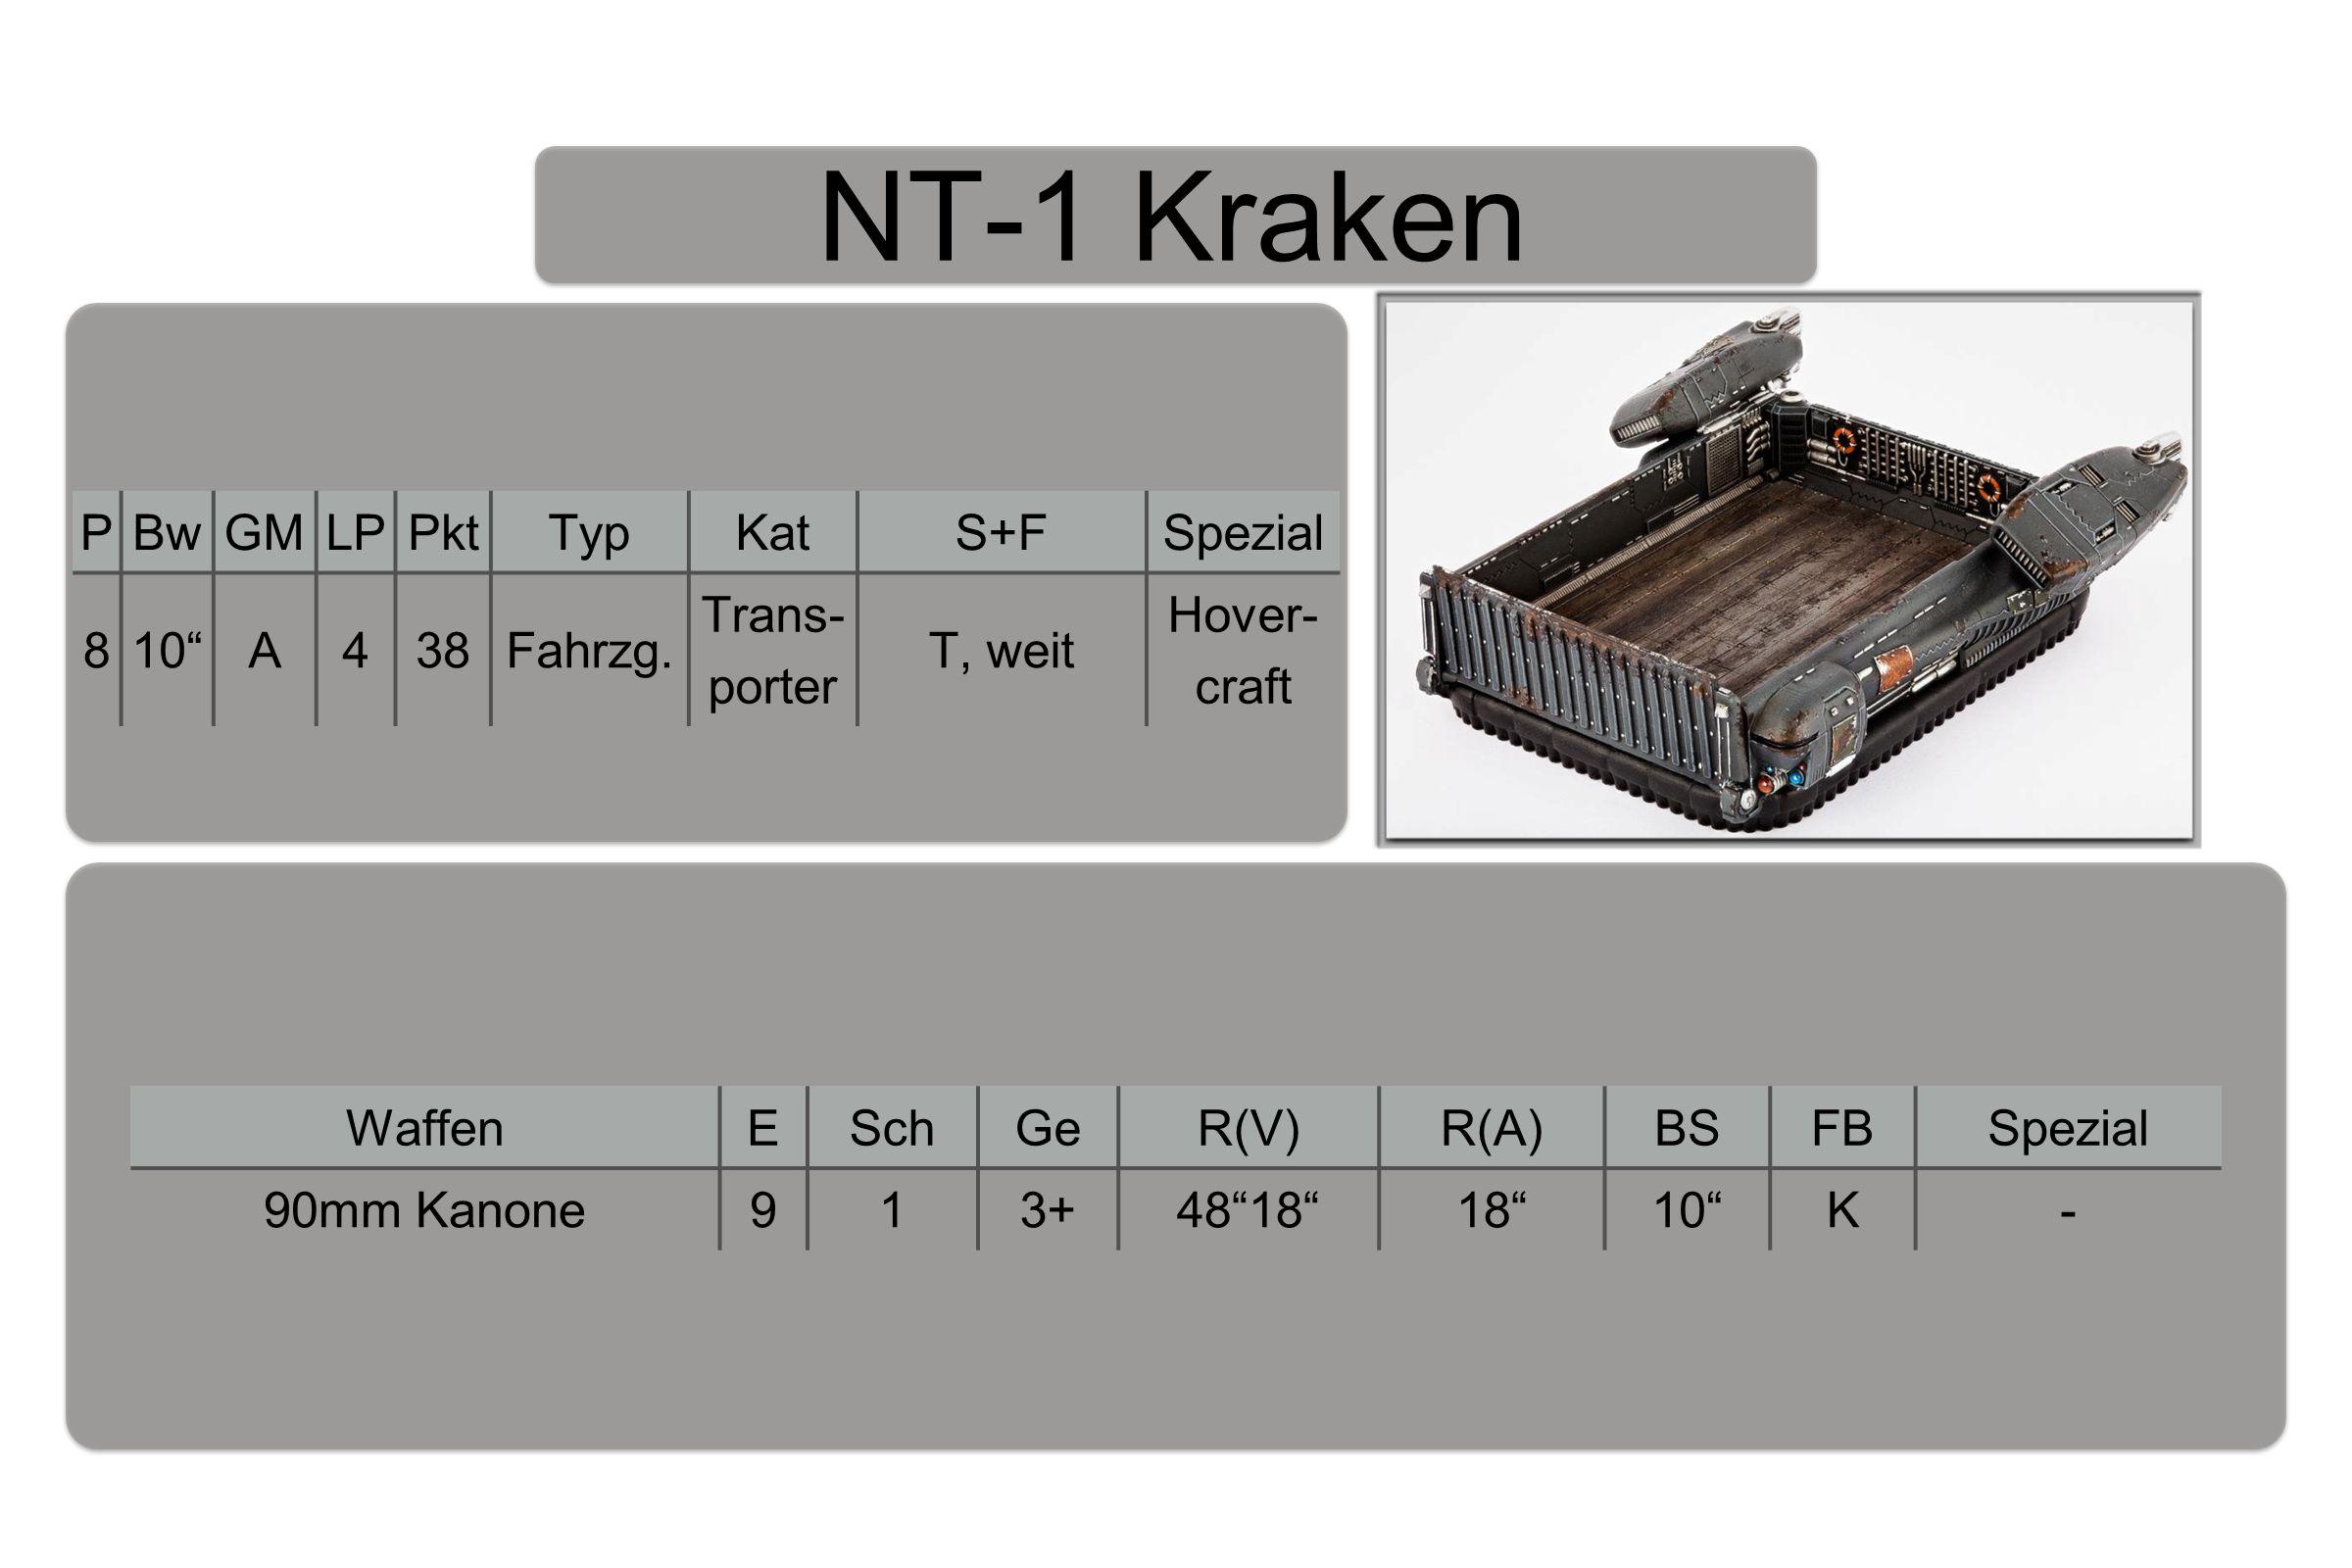 NT-1 Kraken WaffenESchGeR(V)R(A)BSFBSpezial 90mm Kanone913+48 18 18 10 K- PBwGMLPPktTypKatS+FSpezial 810 A438Fahrzg.